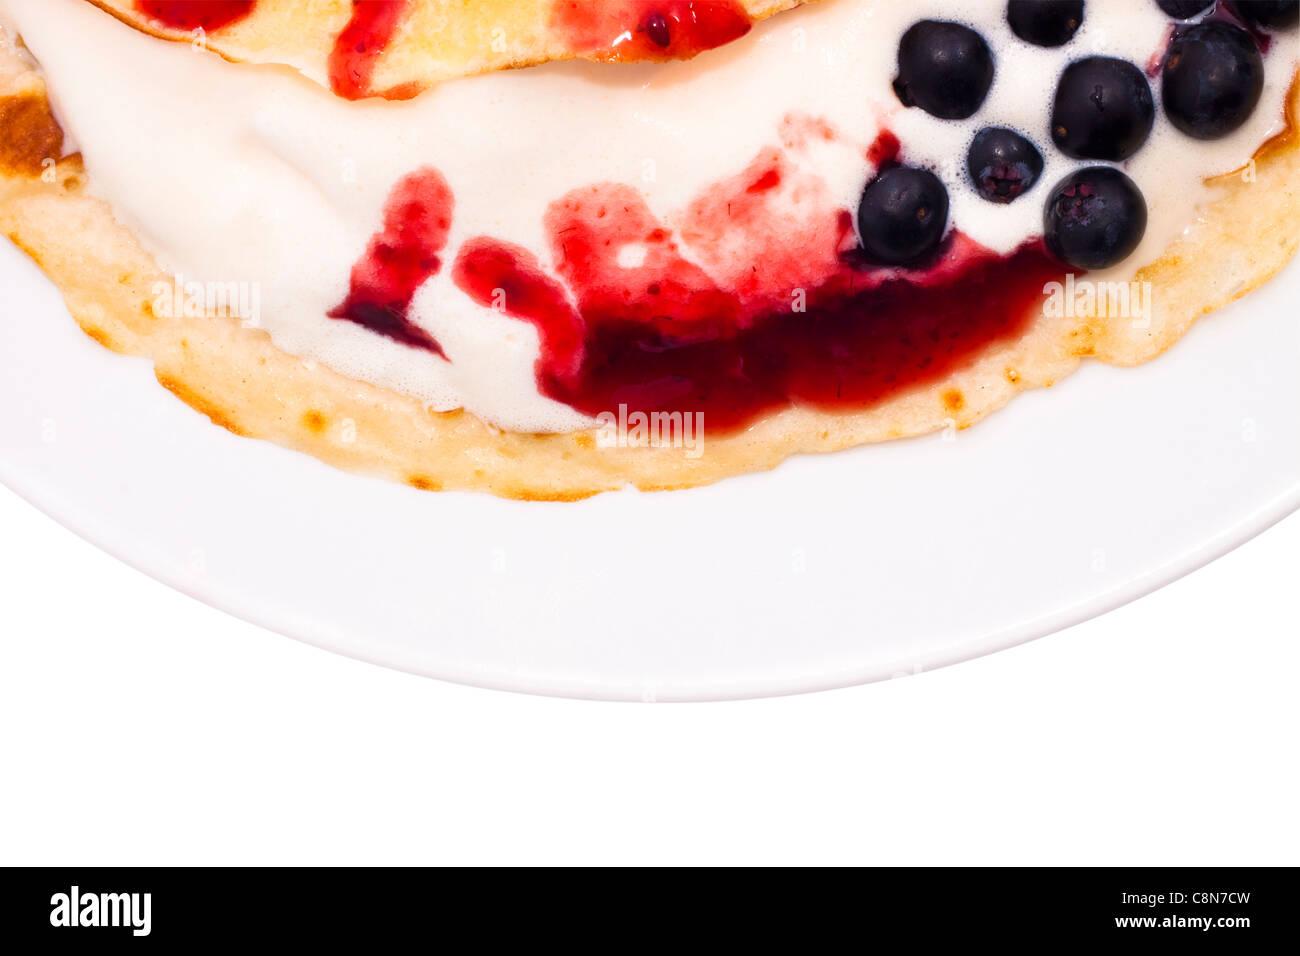 Dettaglio della piastra con la crêpe con gelato di berry topping e mirtilli. Immagini Stock